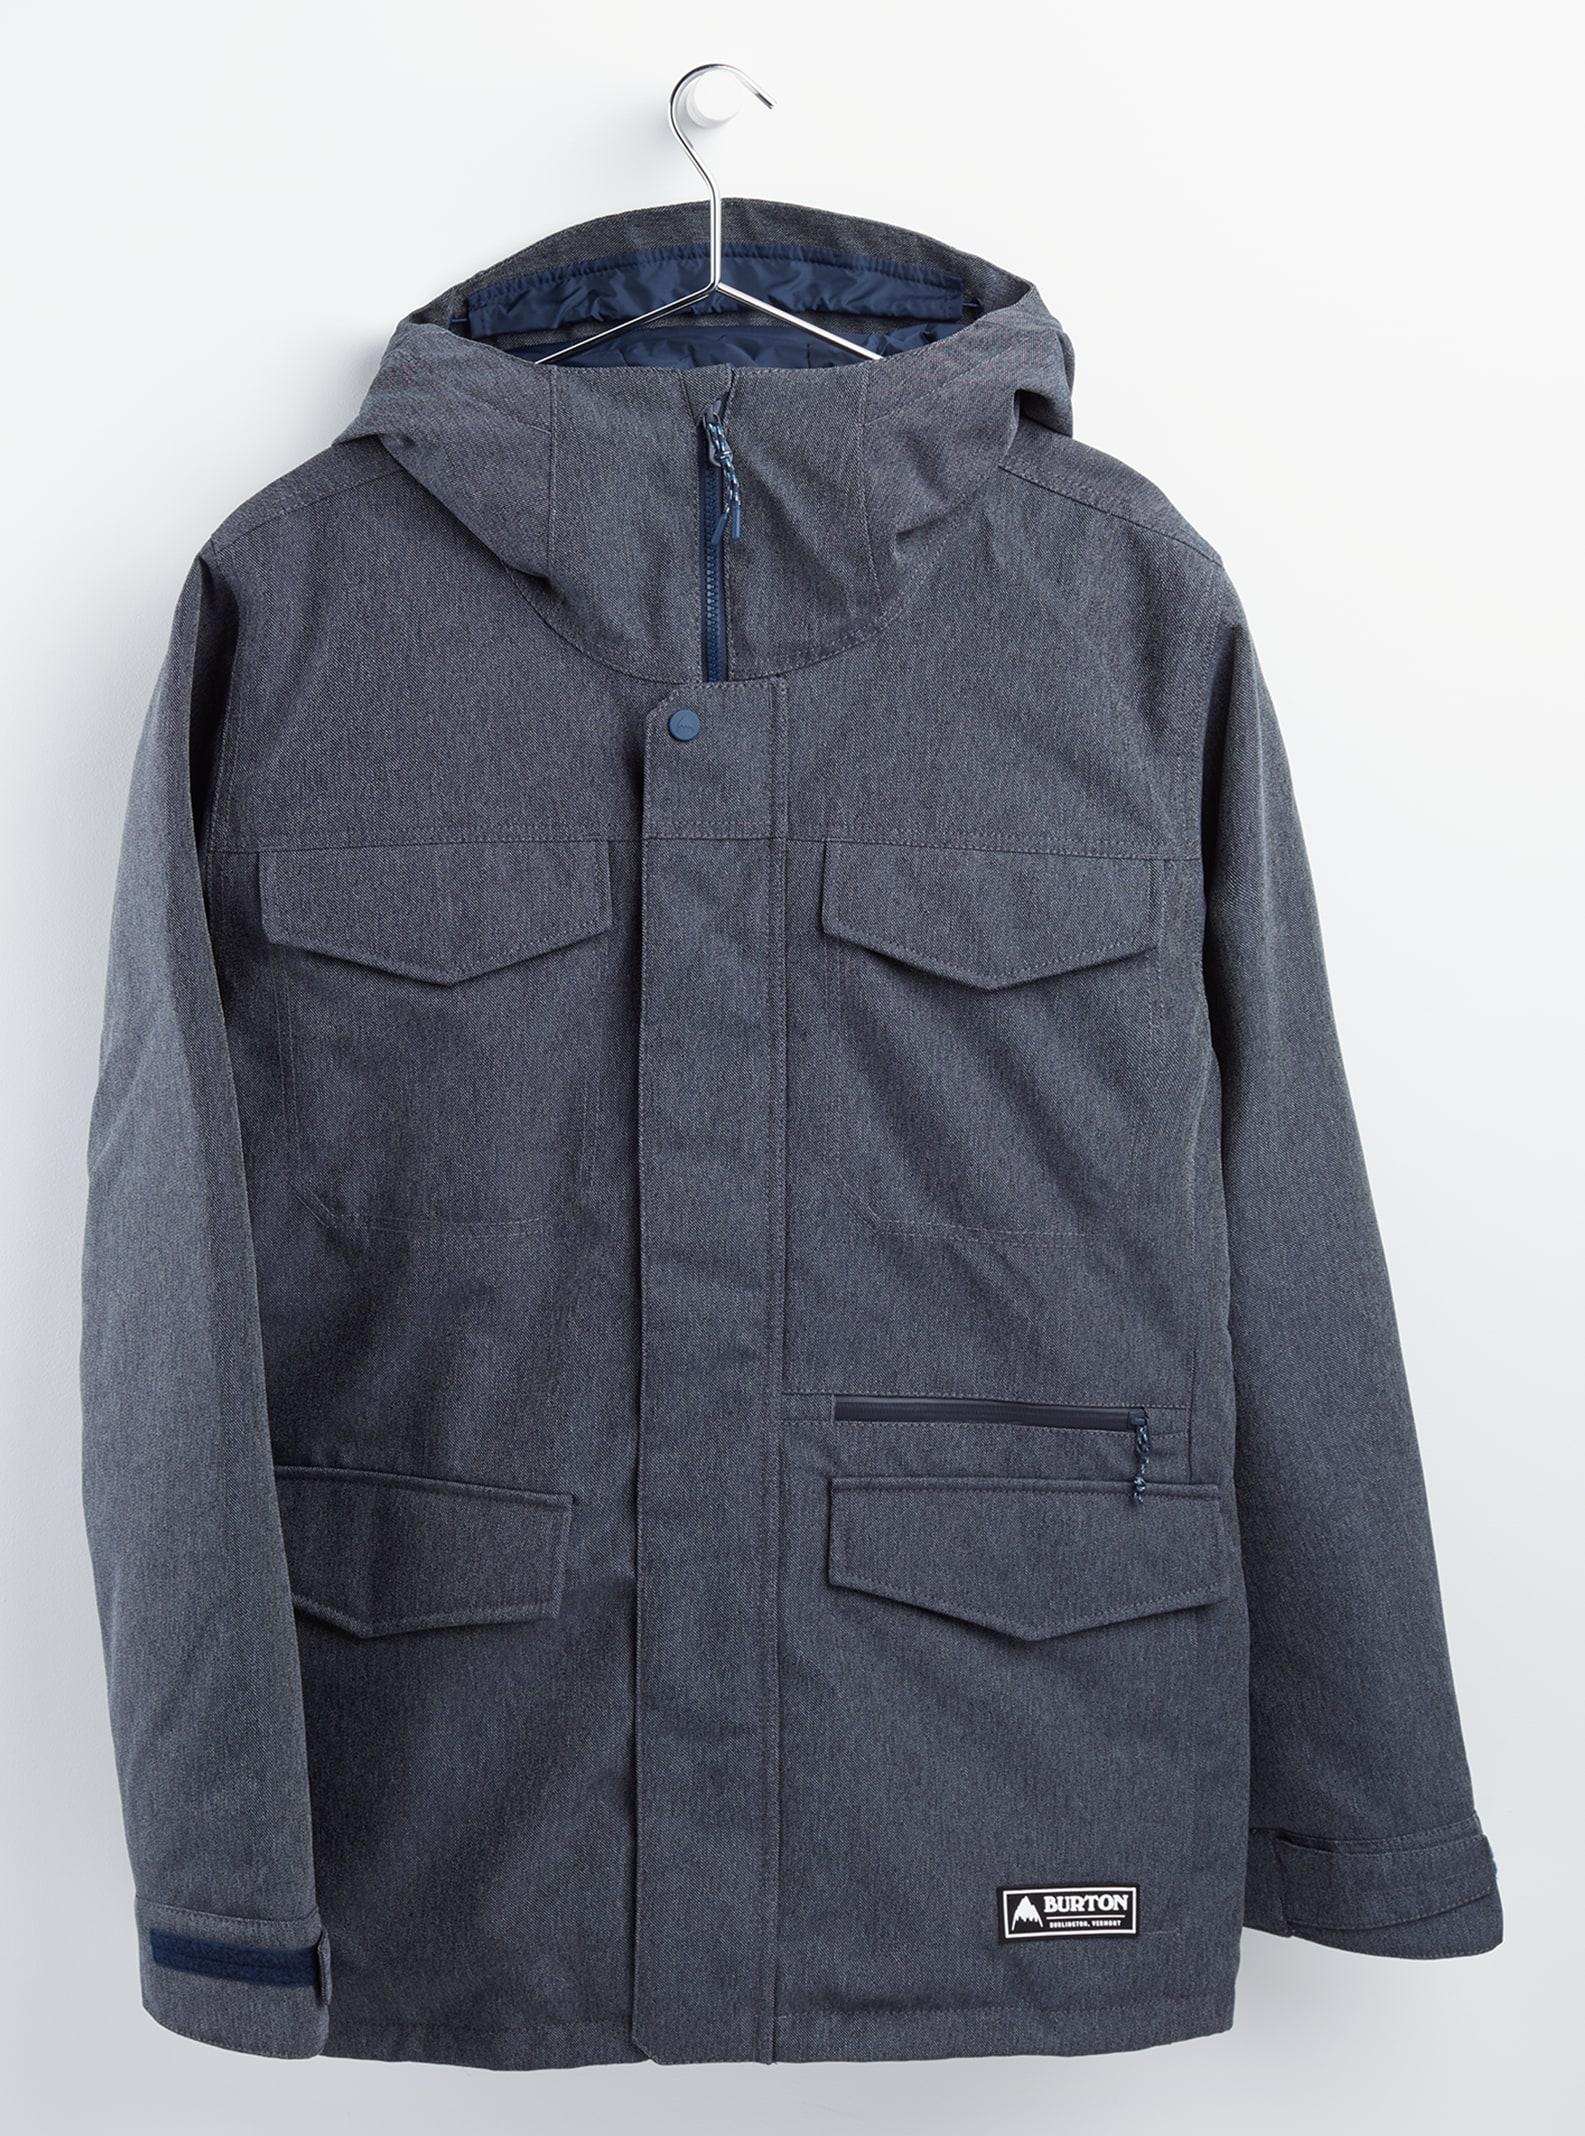 Burton Covert-jacka för herrar, Denim, XL